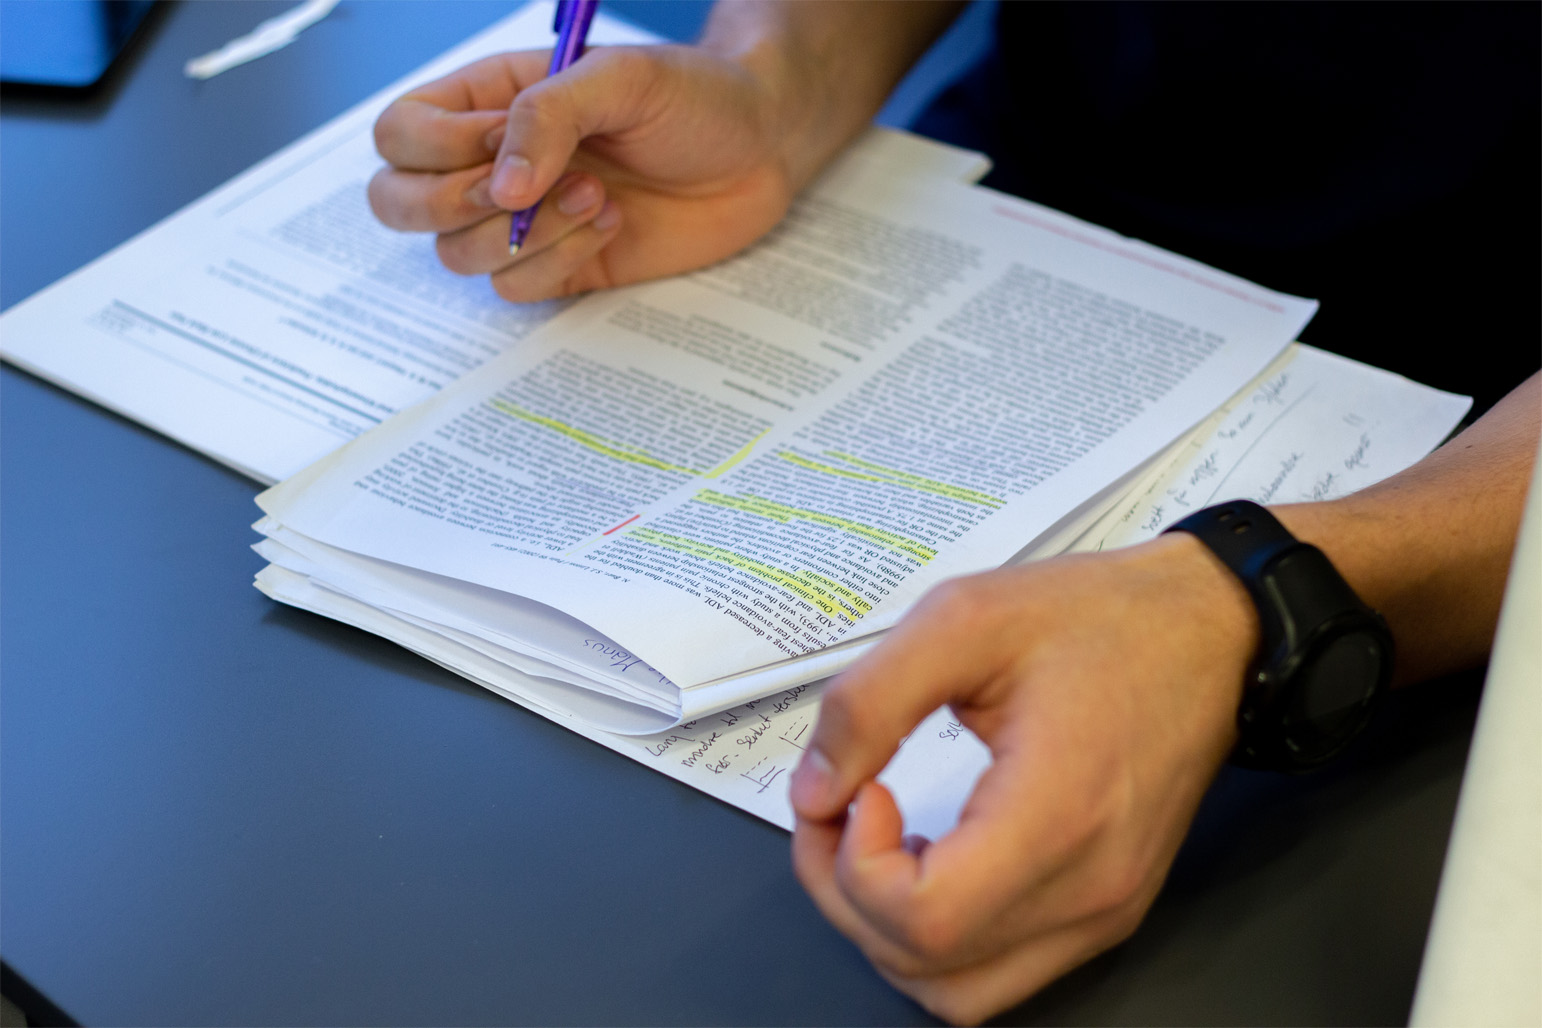 Mann som holder penn og skriver notater i et dokument med tekst